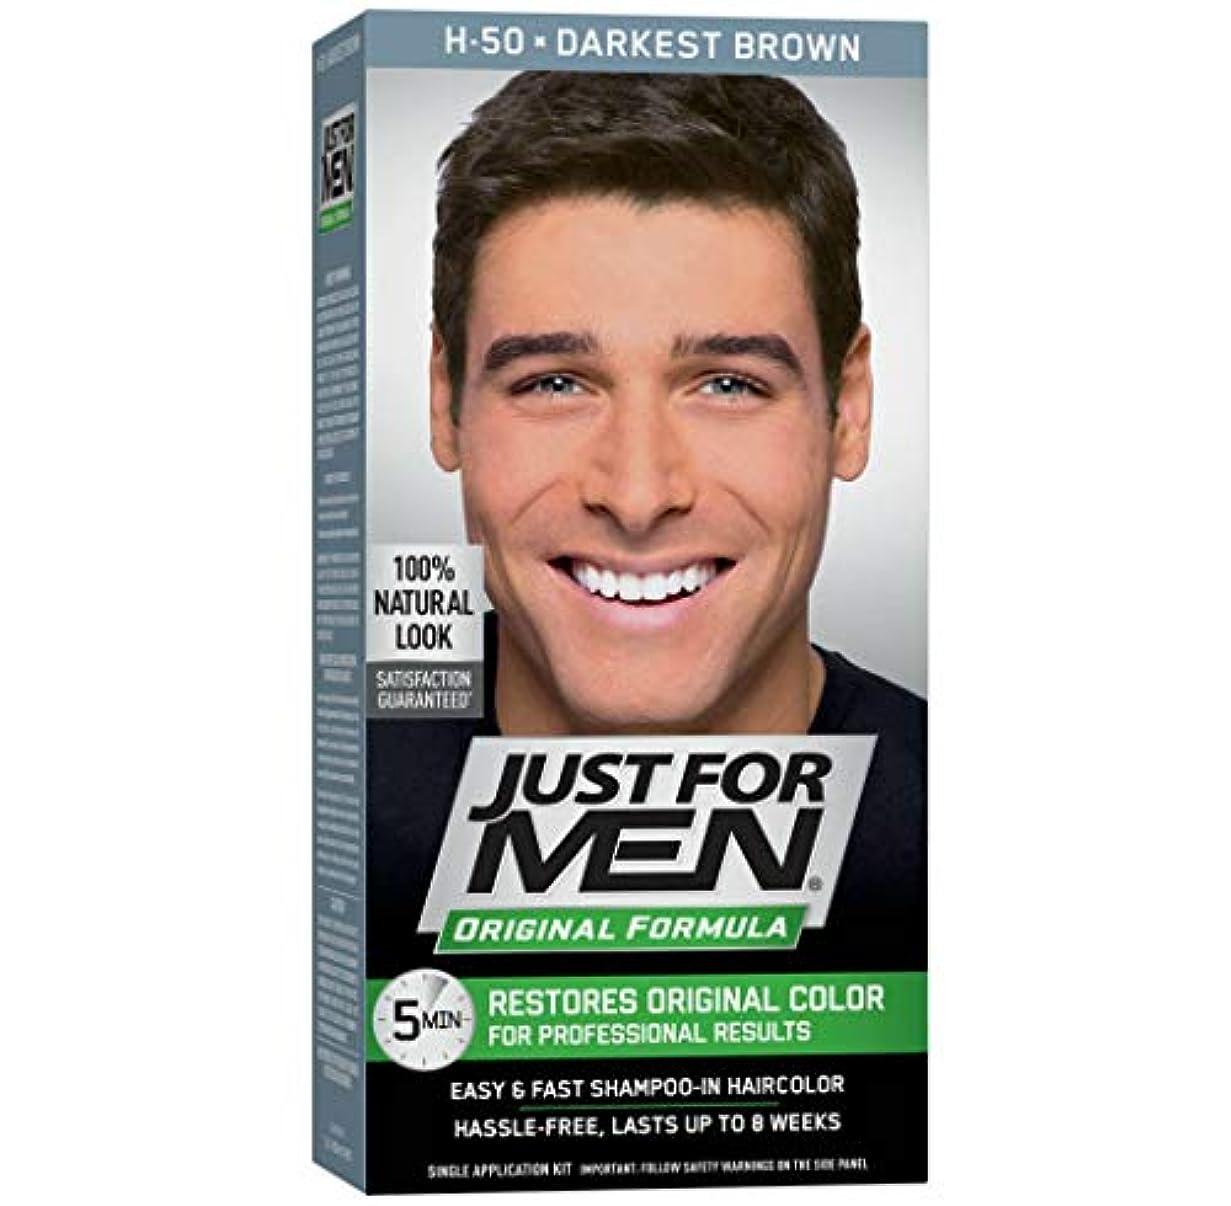 農奴予測する第五Just for Men Shampoo-In Hair Color Darkest Brown 50 (並行輸入品)